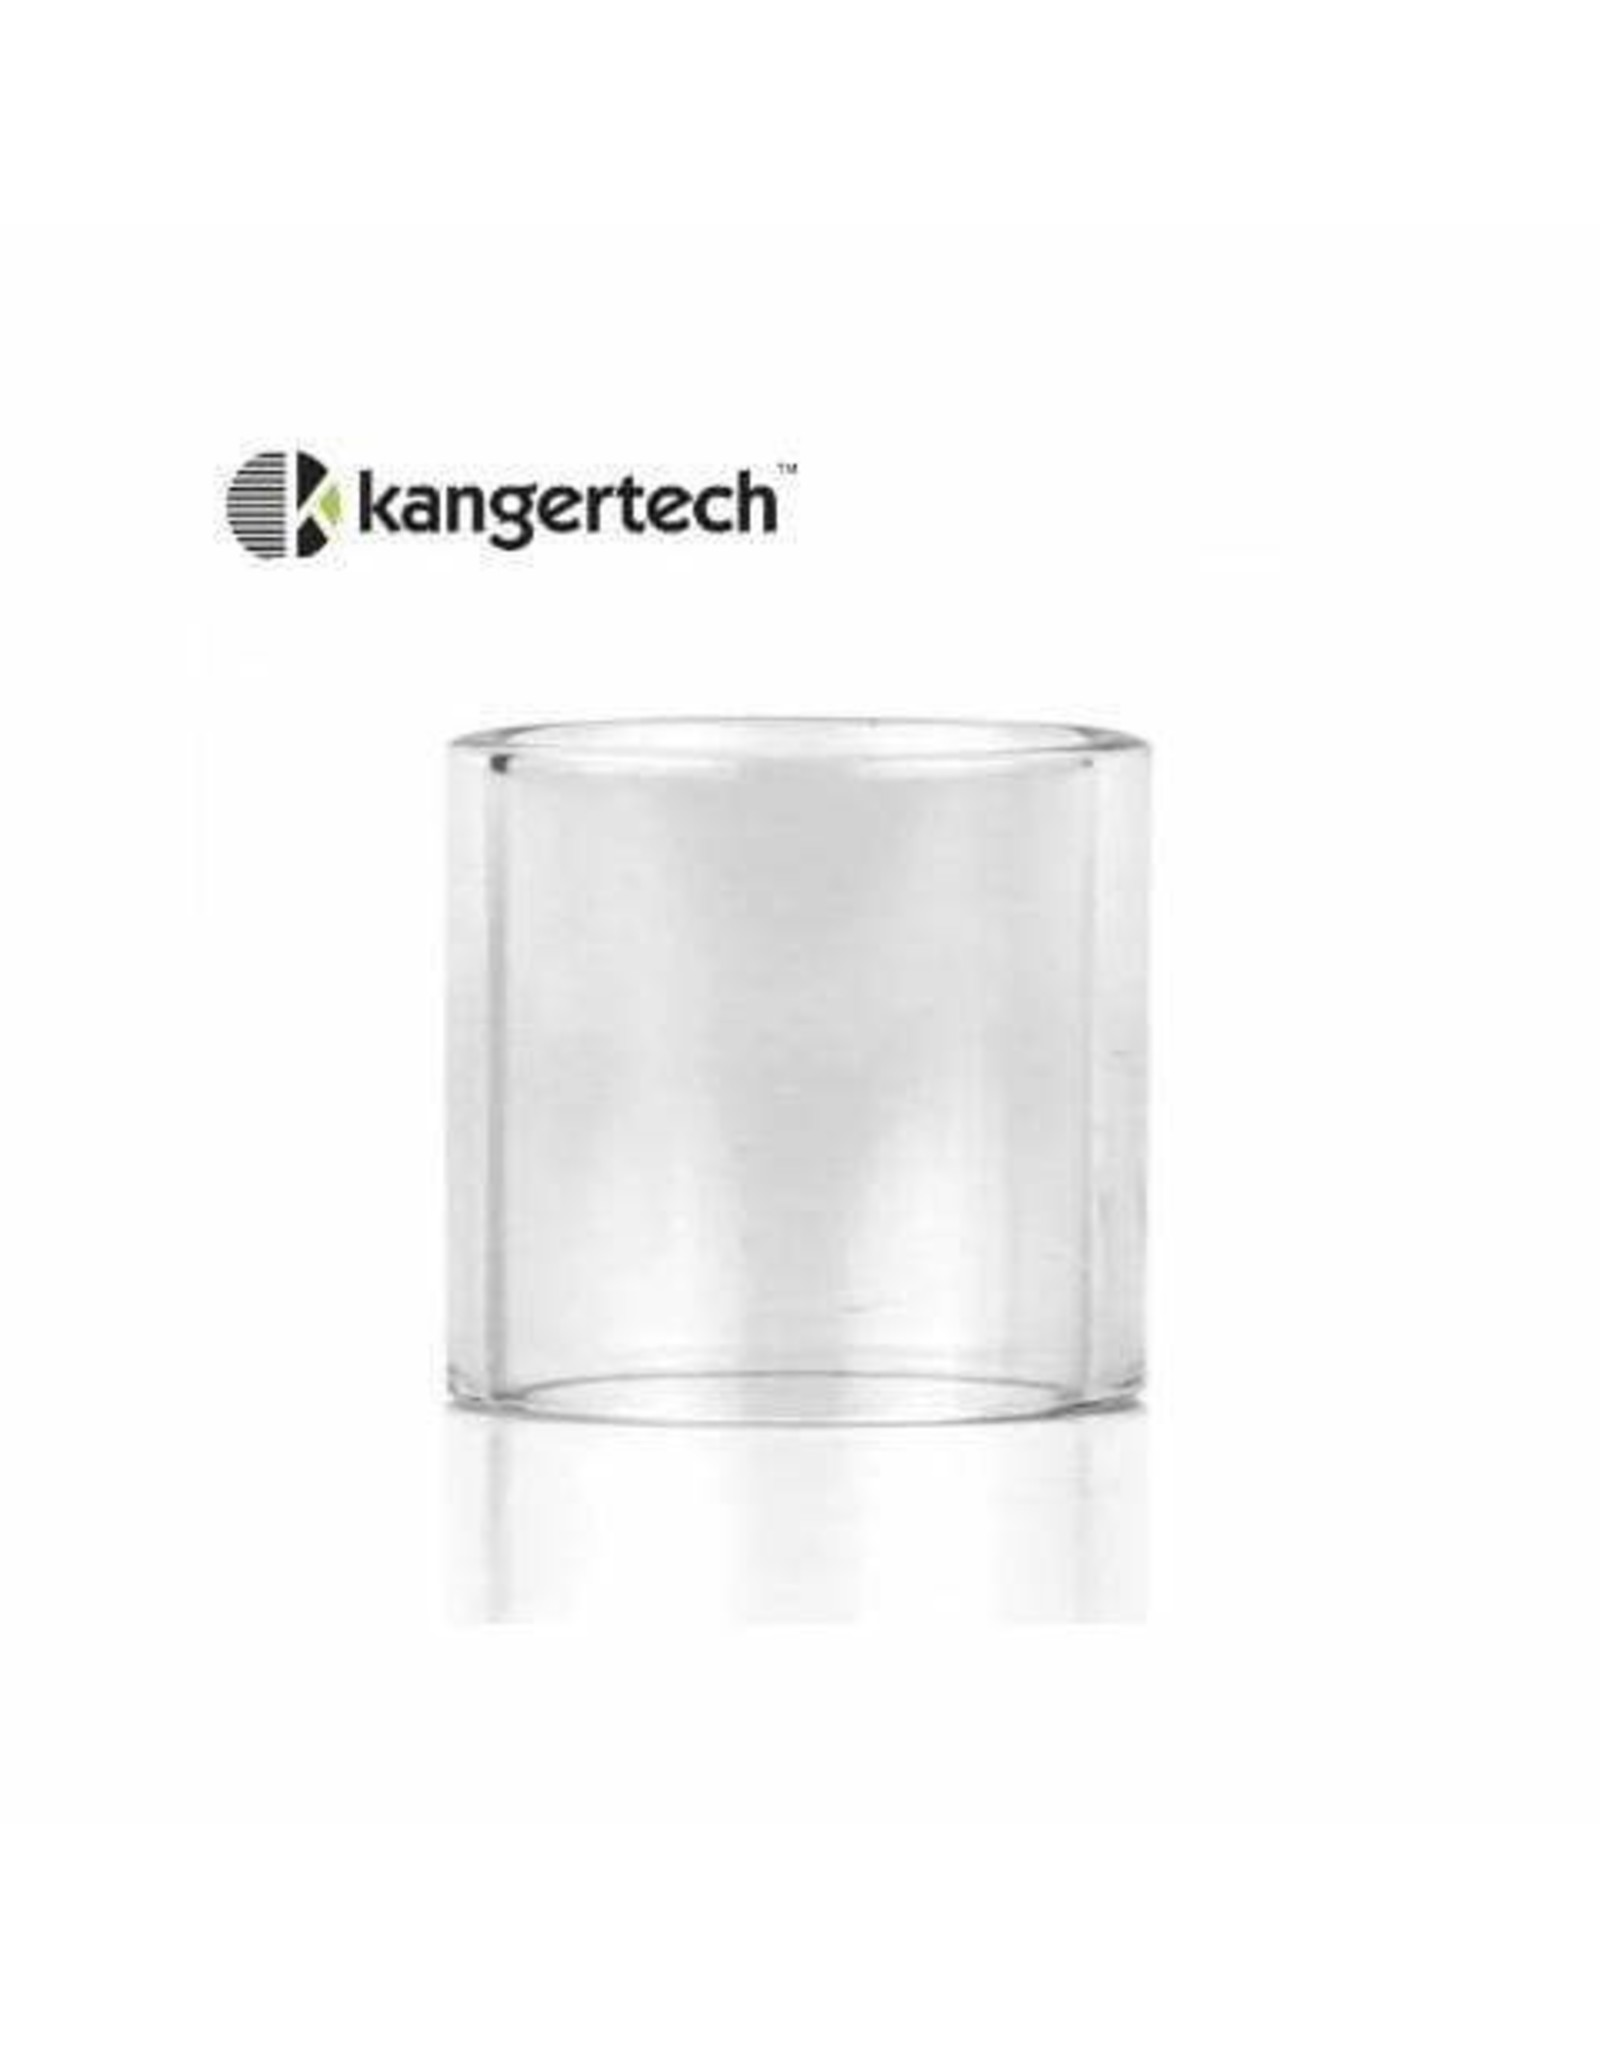 Kangertech Kanger Nano Replacement Glass